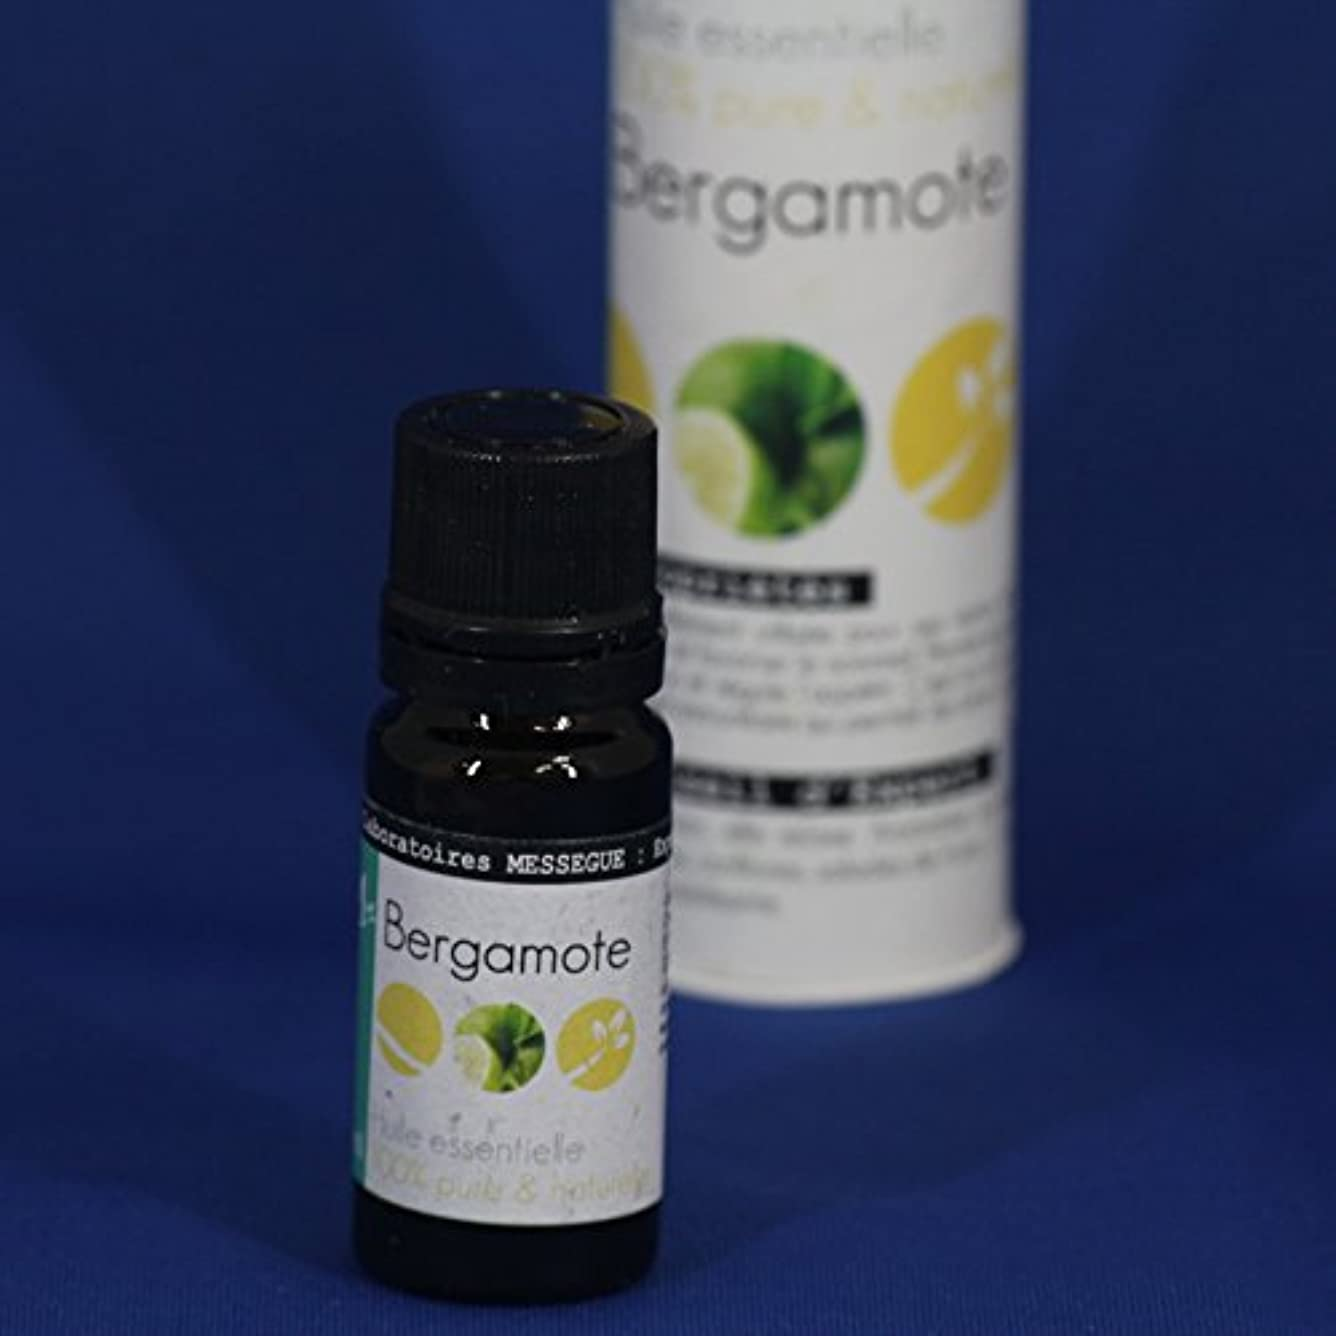 暗い申し込むまたねLabaratoires MESSEGUE Huile essentieiie  100%pure&naturelle Bergamote モーリスメセゲ エッセンシャルオイル ベルガモット